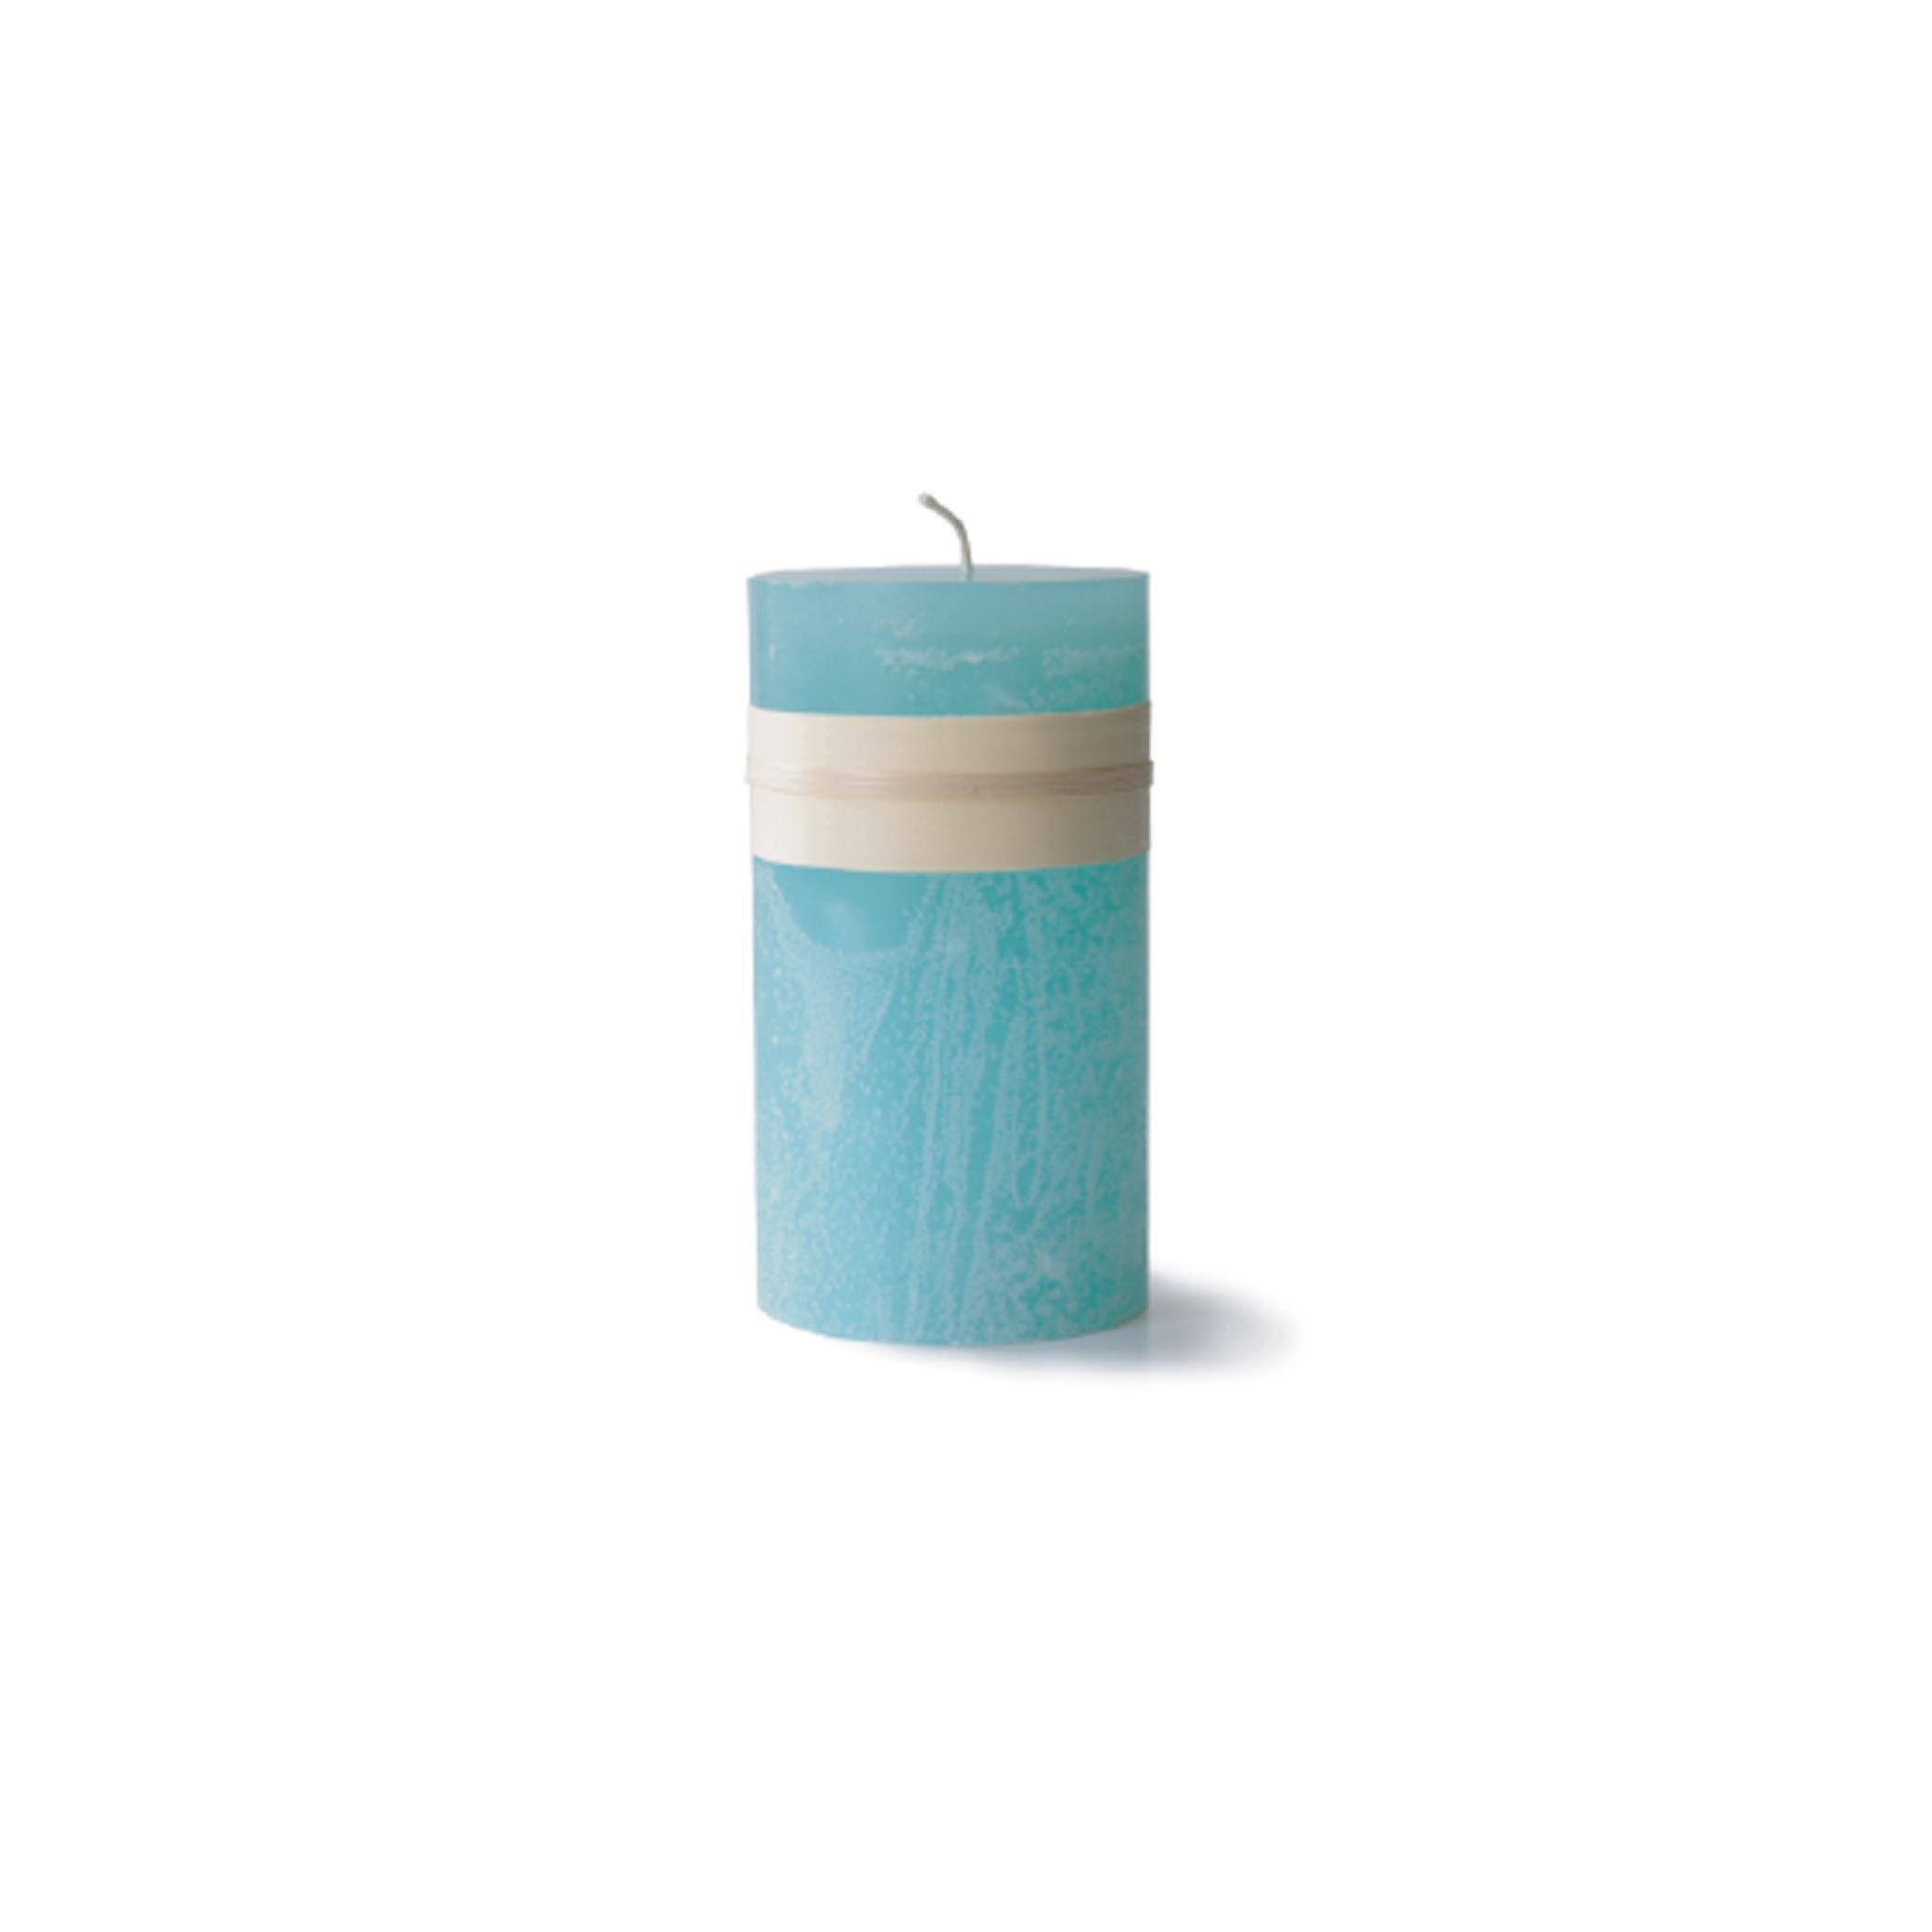 2x4 Timber Candle Pillar Sea $4.75   Wants 4 Has 3 Needs 1